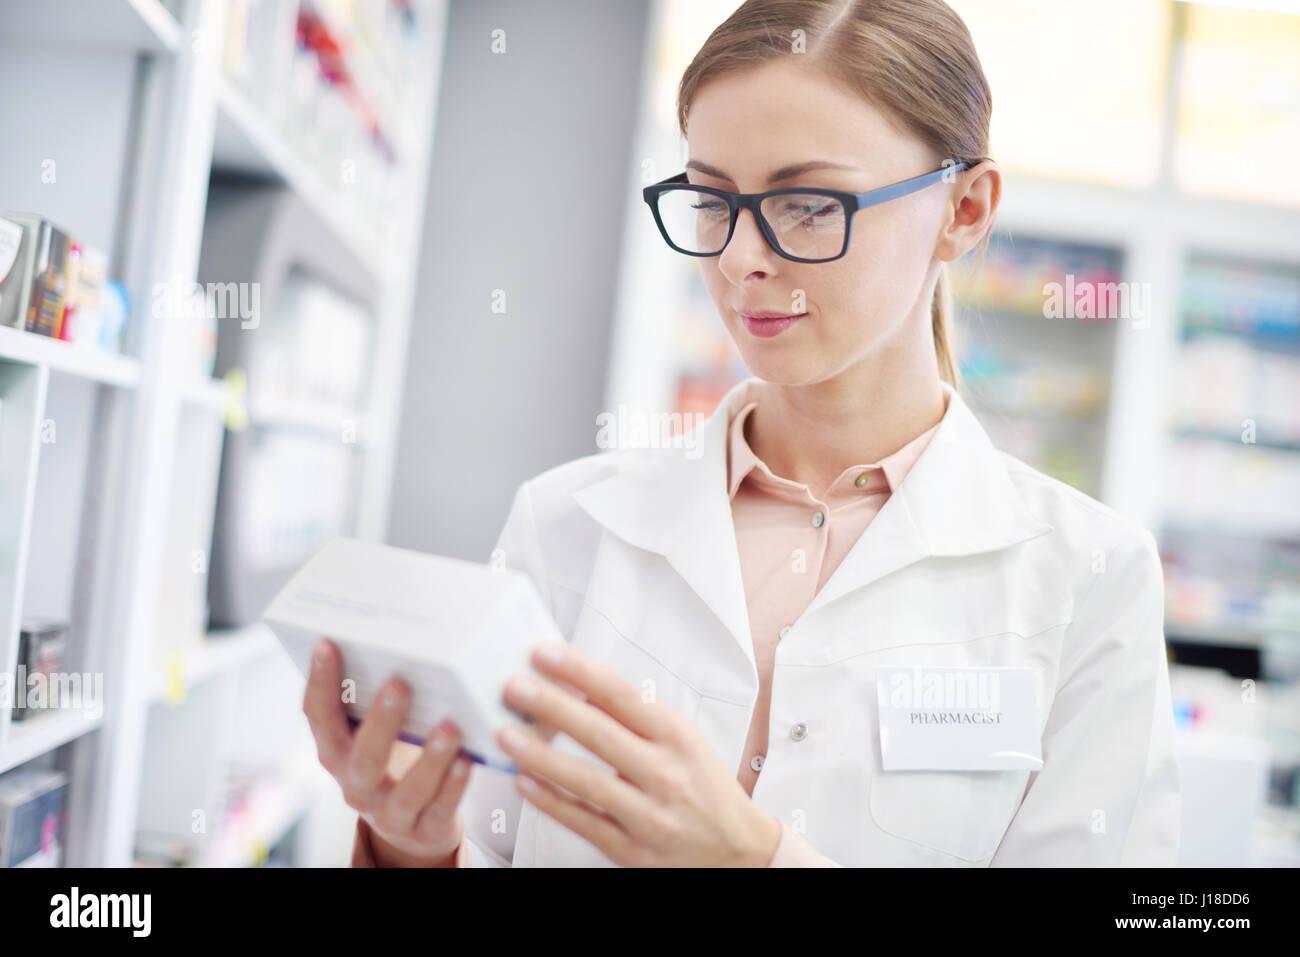 Femme vendeuse étudier la composition des médicaments Photo Stock